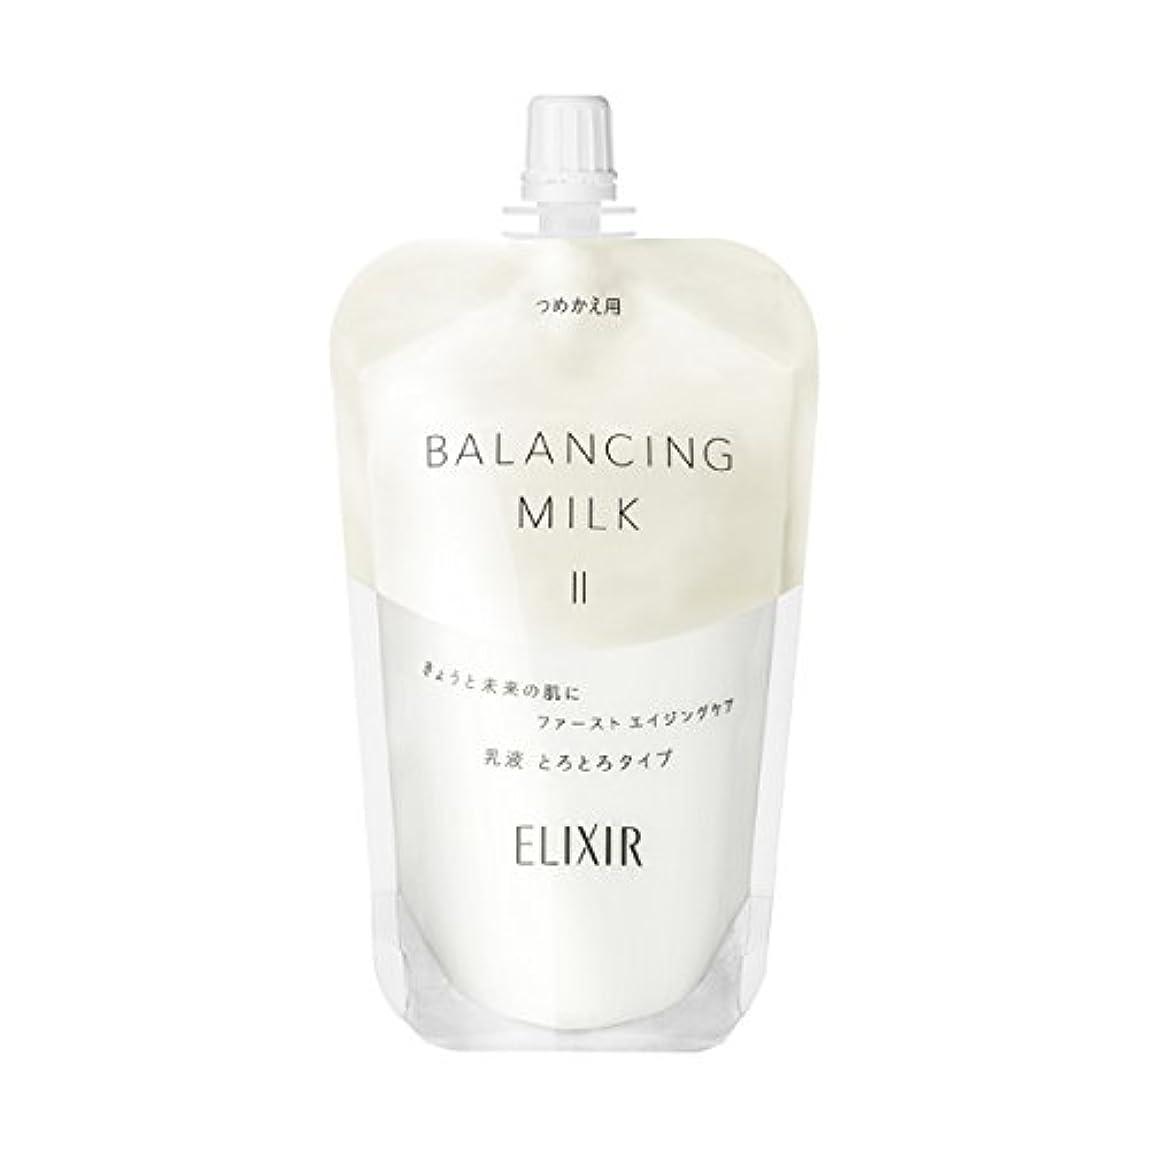 先年金引き金エリクシール ルフレ バランシング ミルク 乳液 2 (とろとろタイプ) (つめかえ用) 110mL